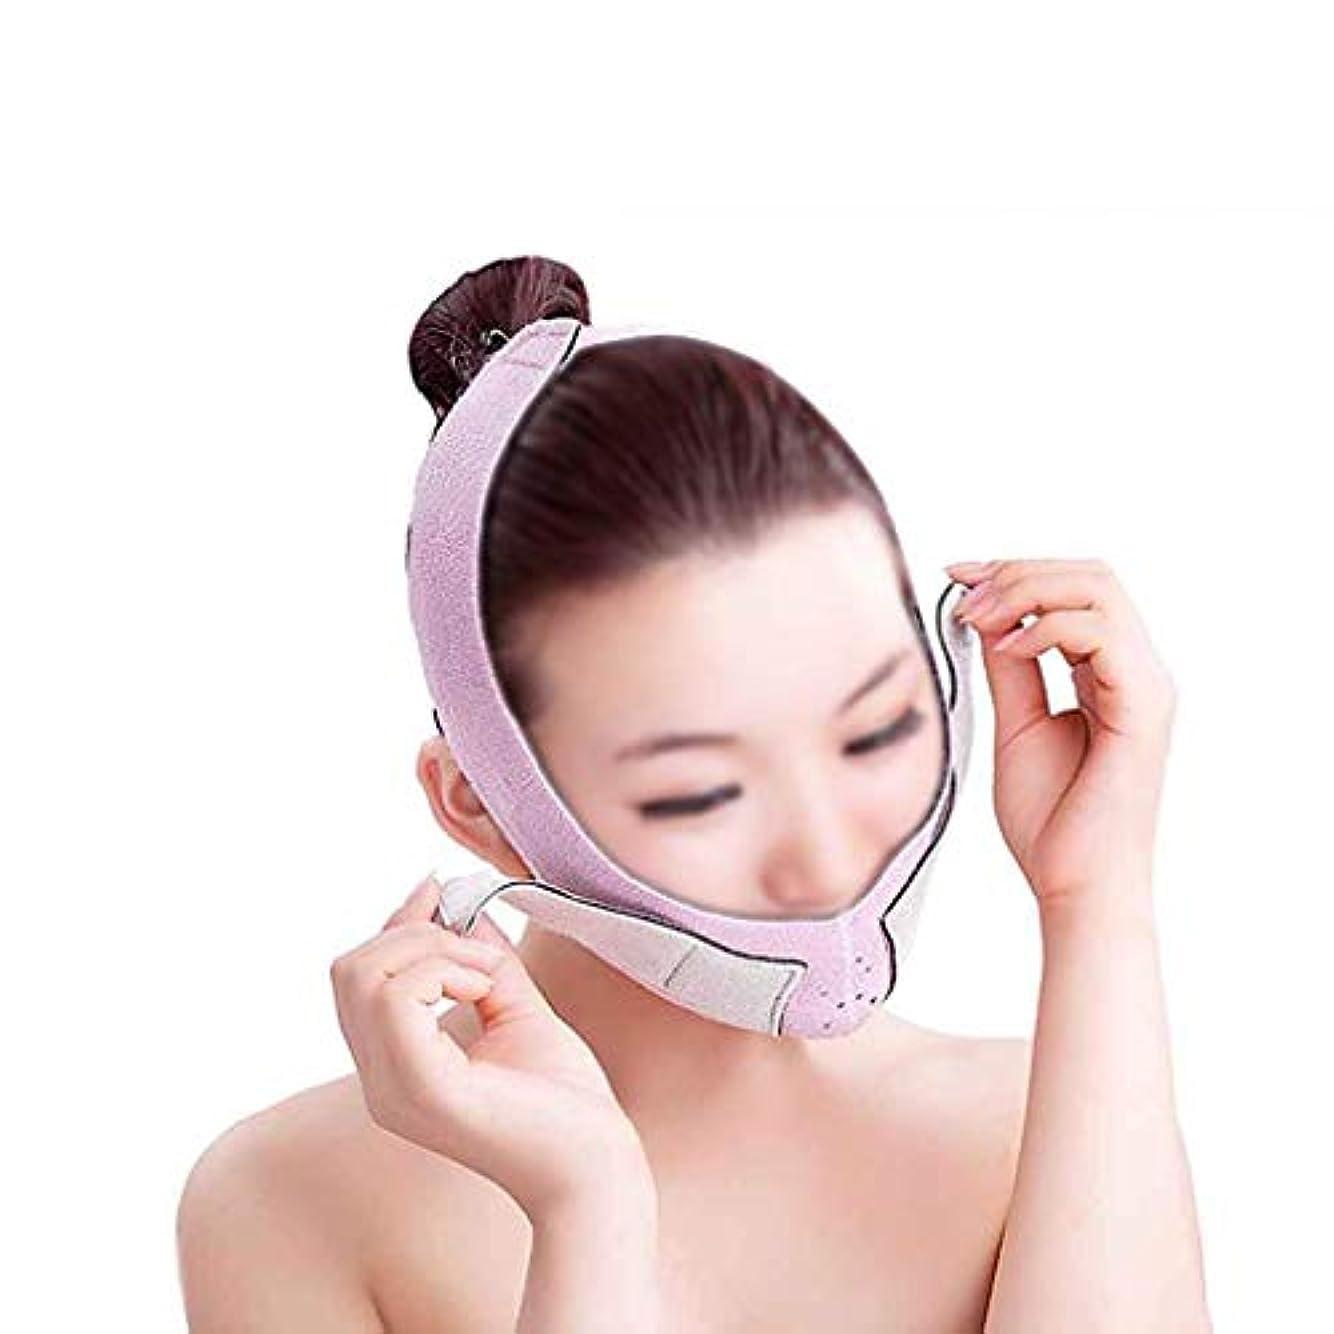 ディプロマあからさまインターネットスリミングベルト、フェイシャルマスク3DフェイスリフトファーミングフェイスコレクションベルトパワフルフェイスアーティファクトスモールフェイスバンデージリフティングVフェイスマスク(カラー:A),B